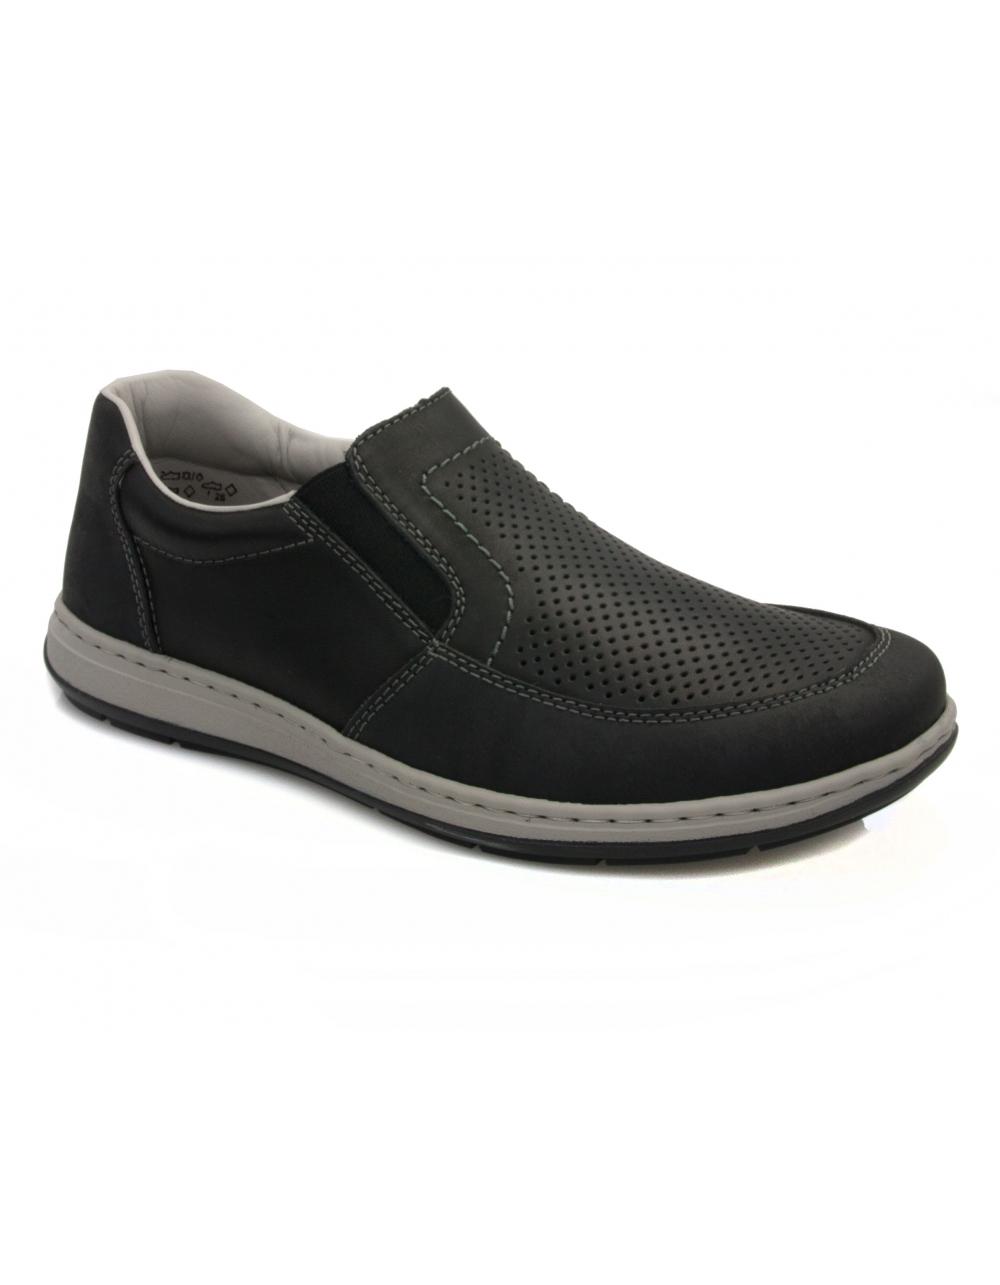 rieker oilybuk slip on shoe black